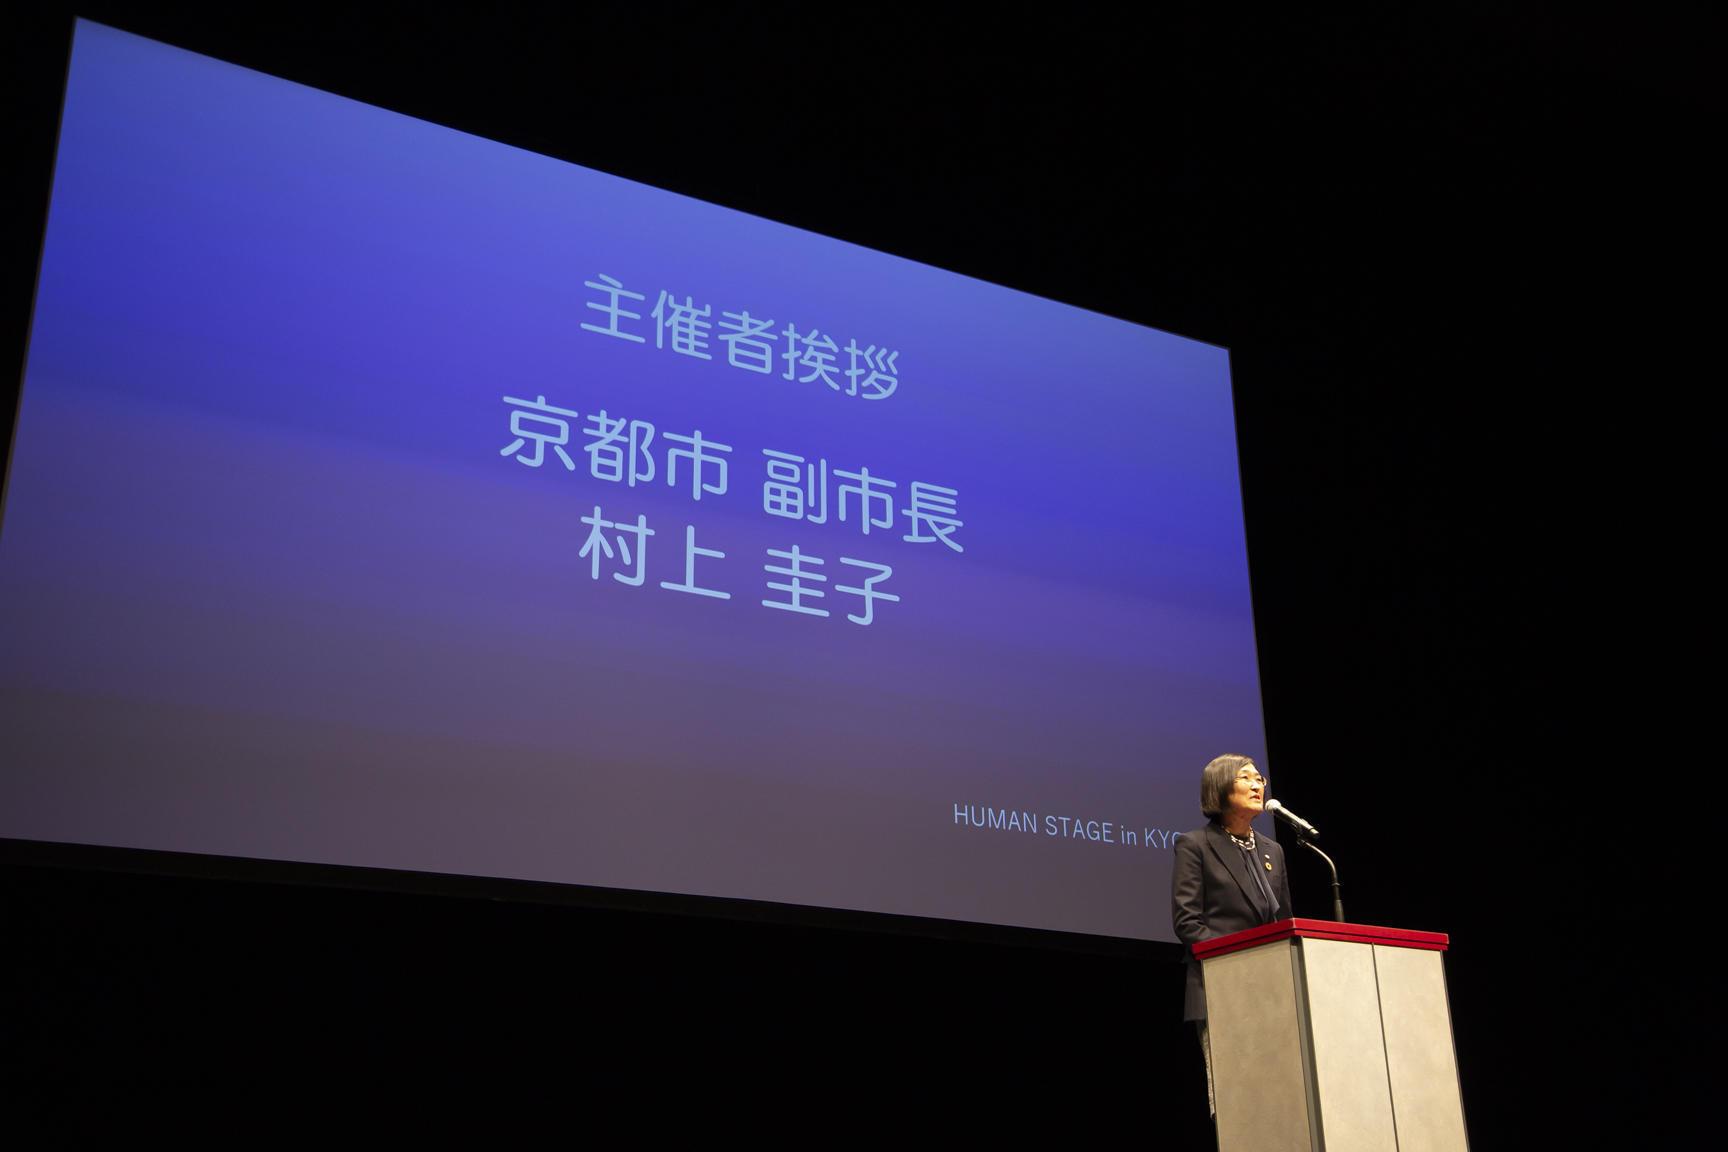 http://news.yoshimoto.co.jp/20190129121702-8fba79611b7a39d934d9bef29fa12d62051bcae4.jpg